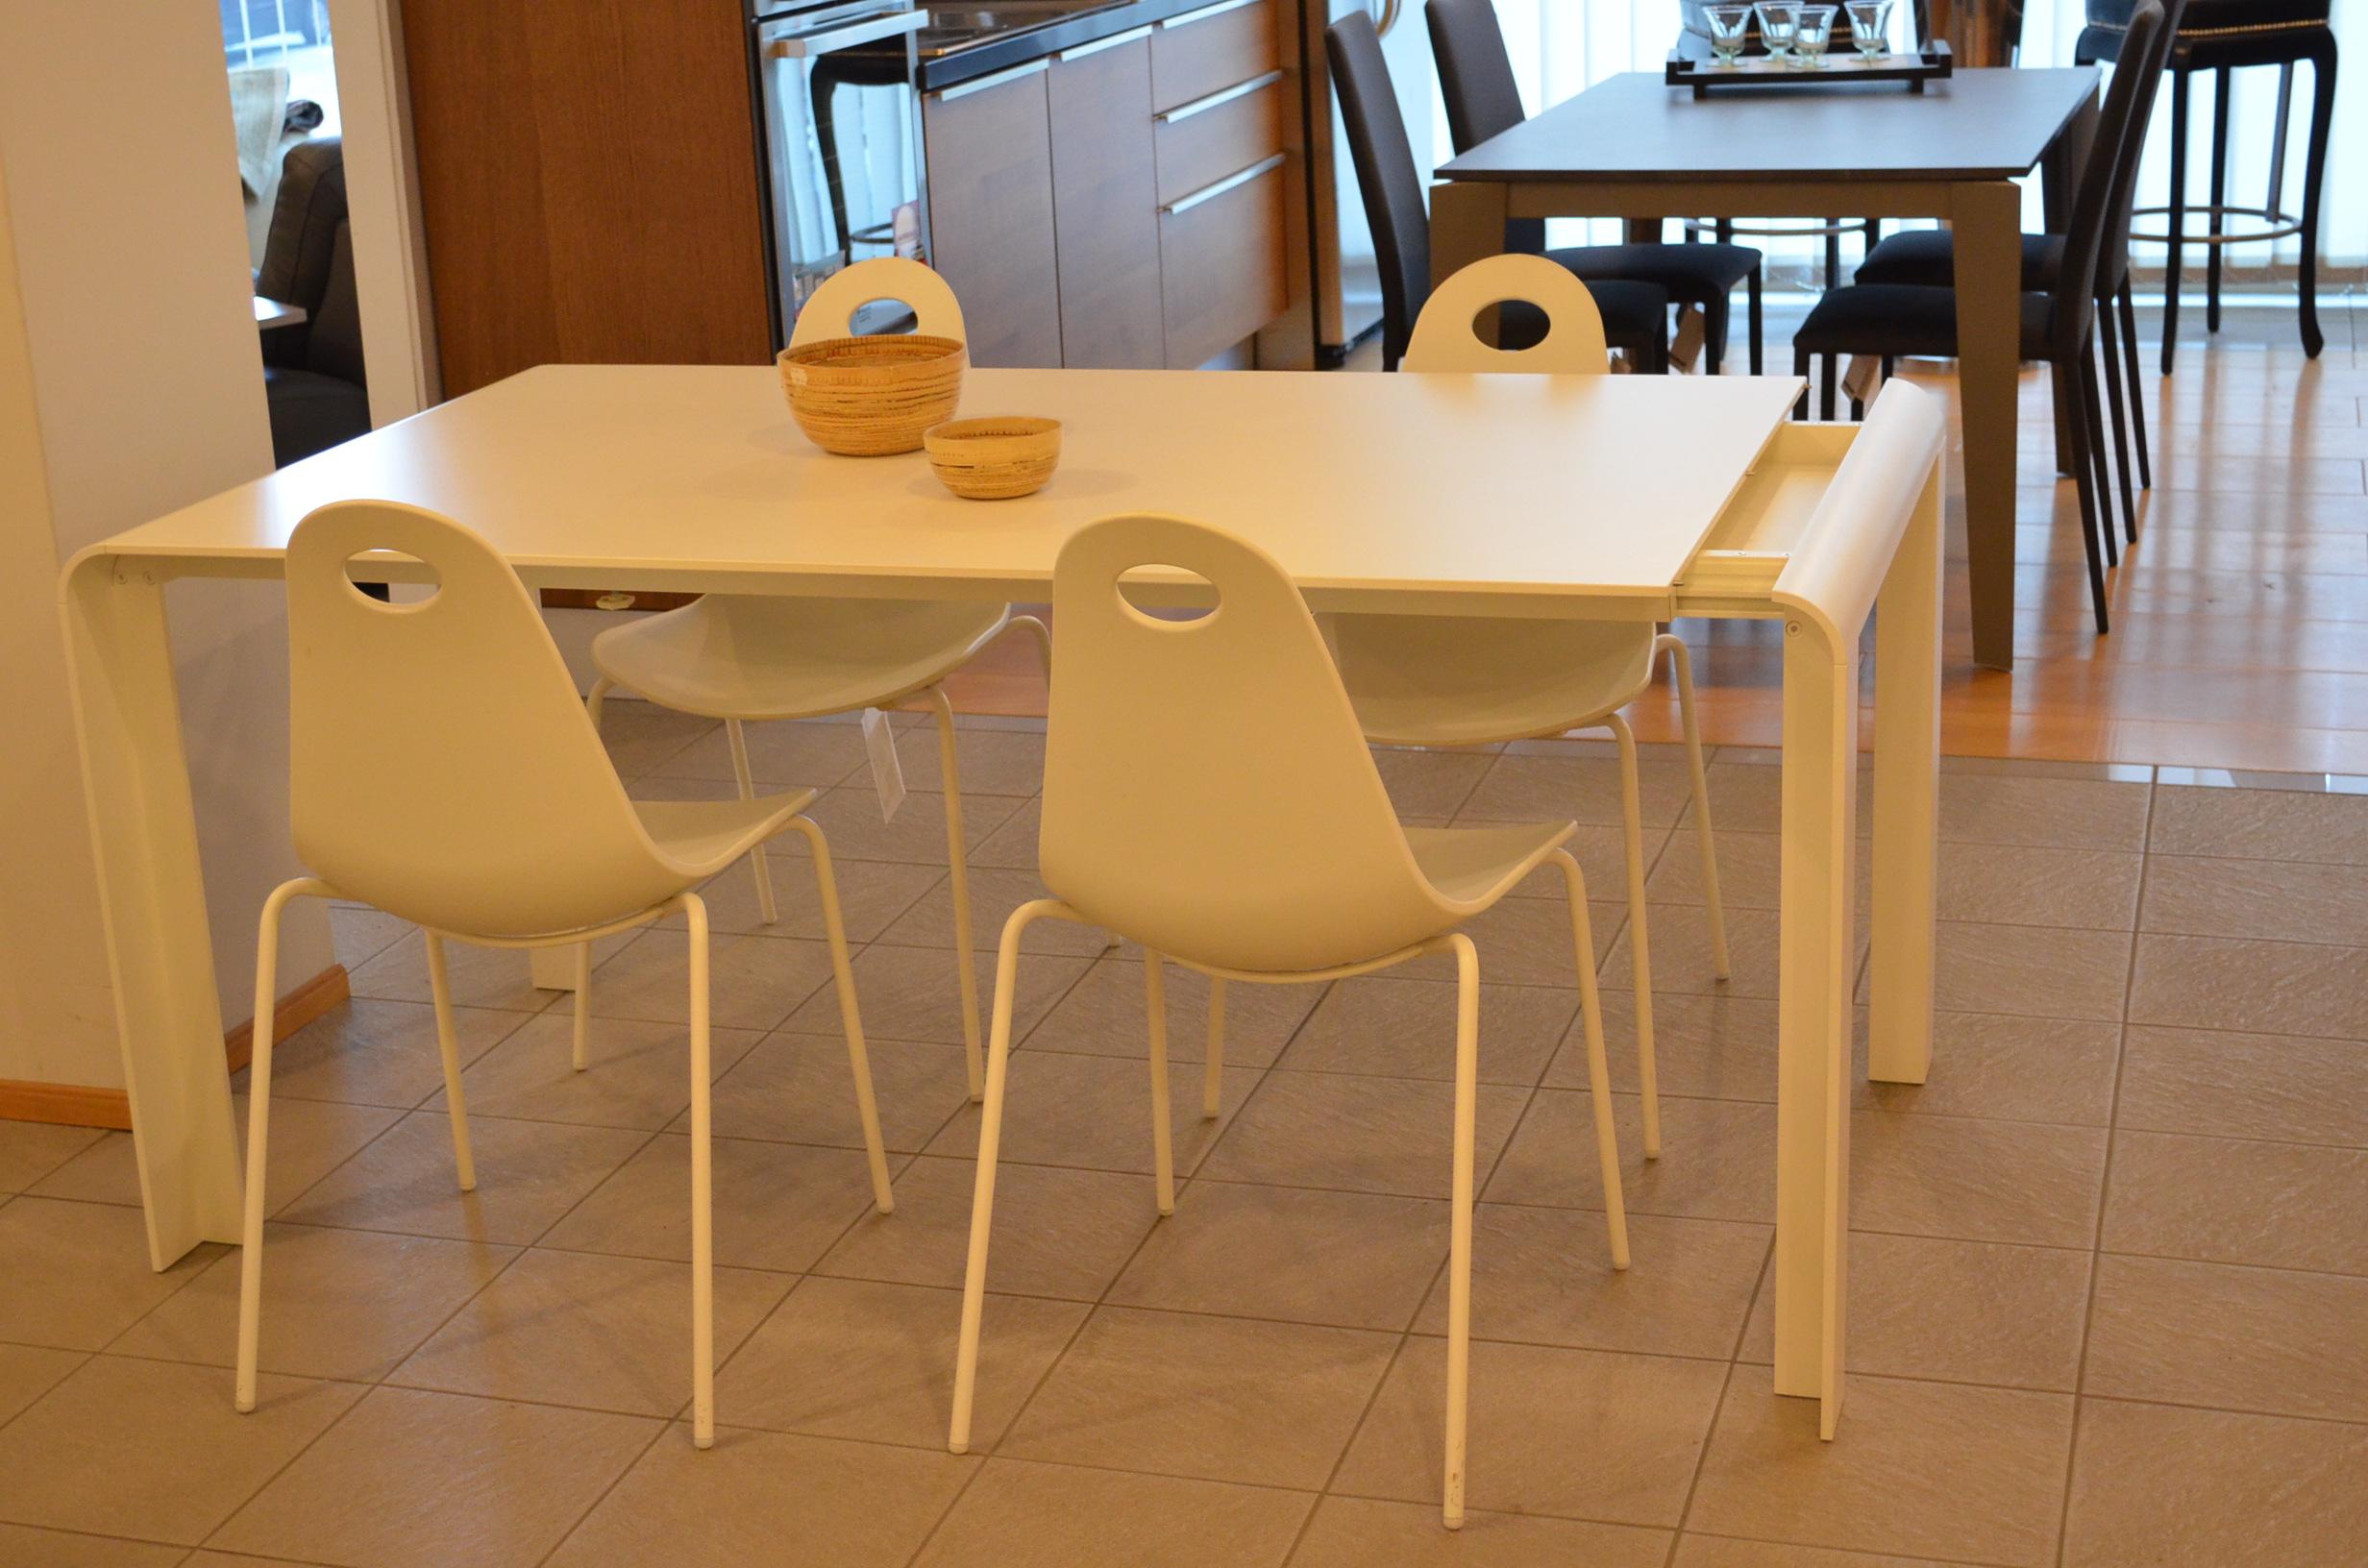 Metodo interni arredamenti piacenza 4 sedie patatina di for Arredamenti piacenza